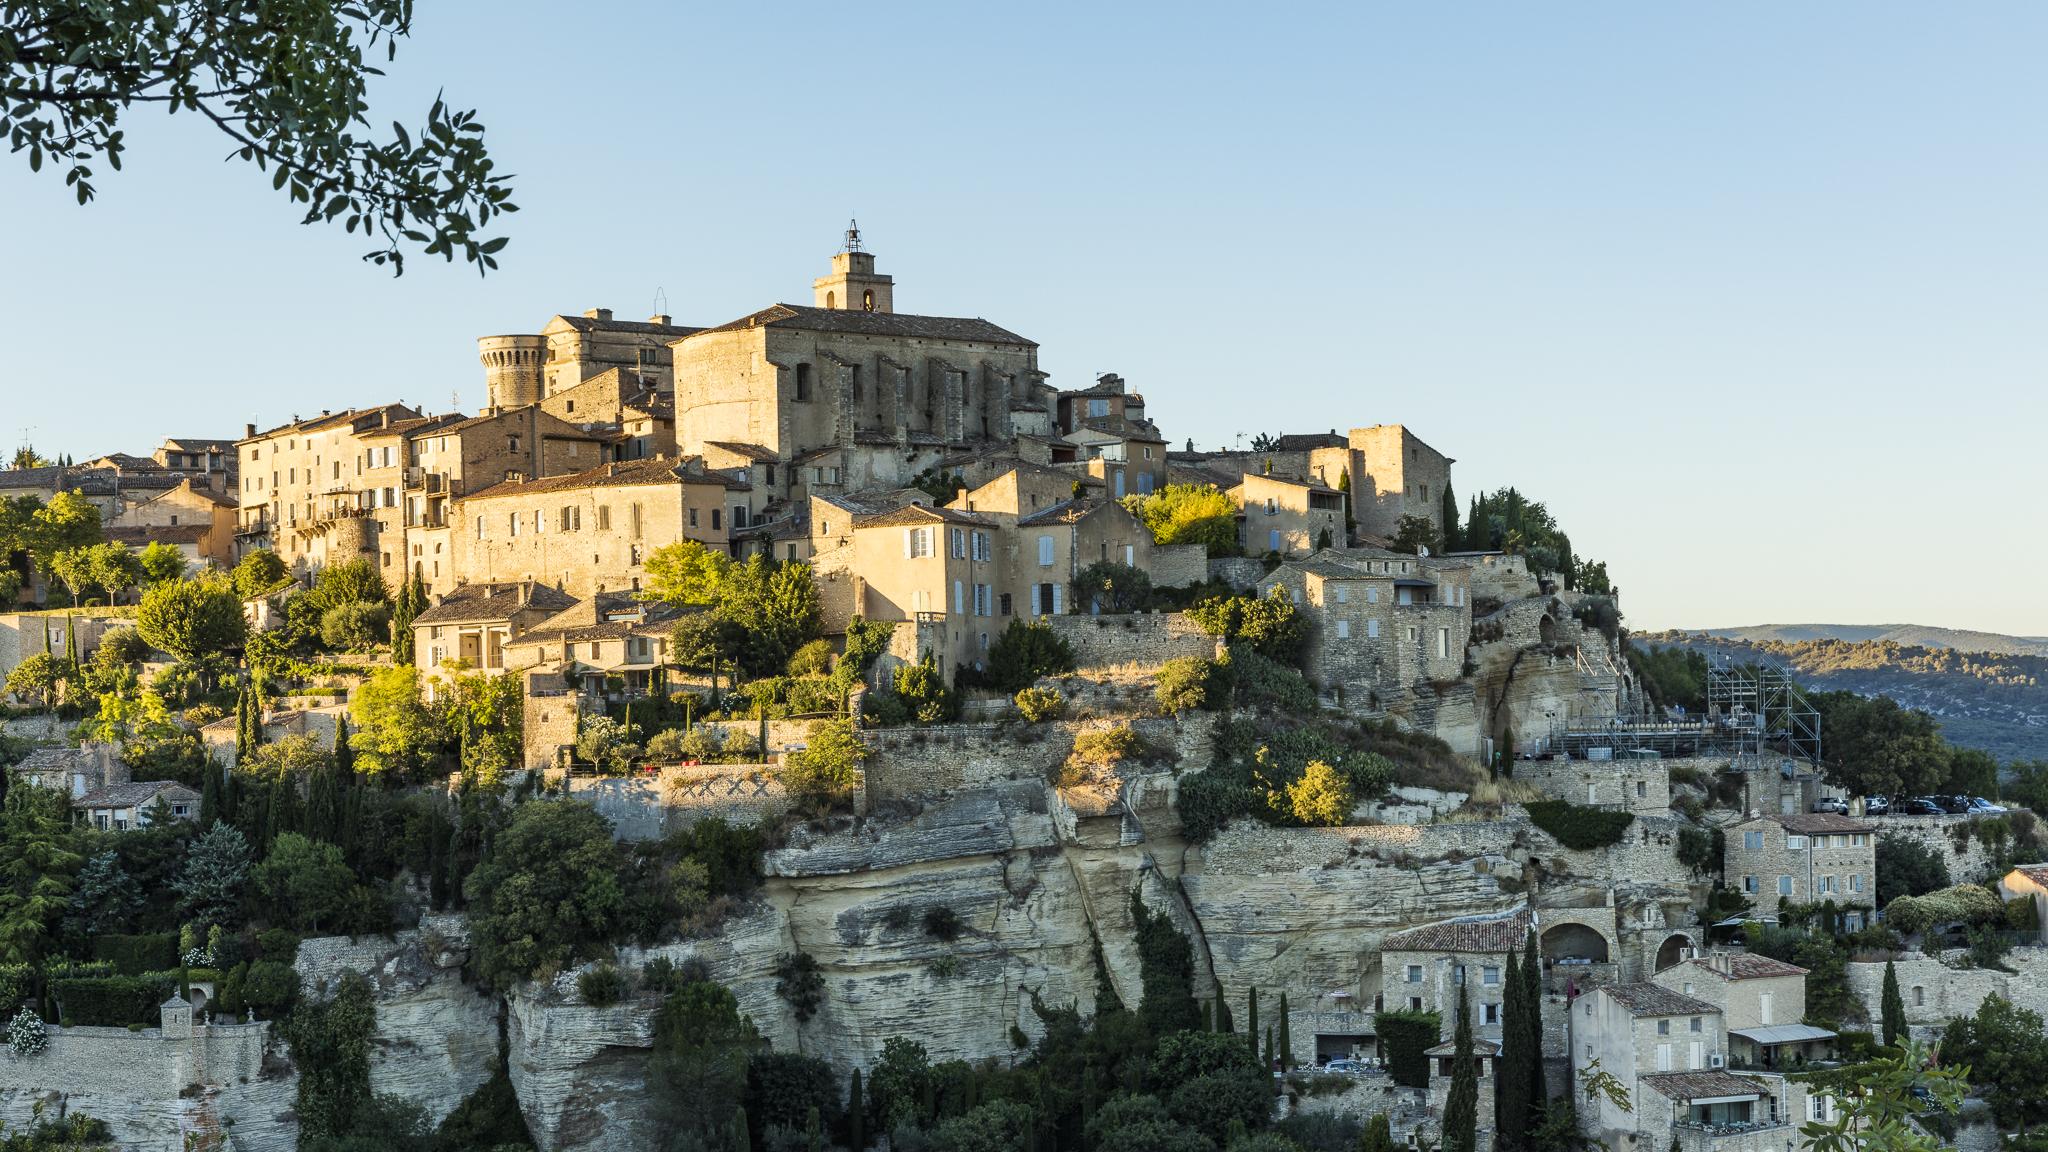 Village of Gordes, France